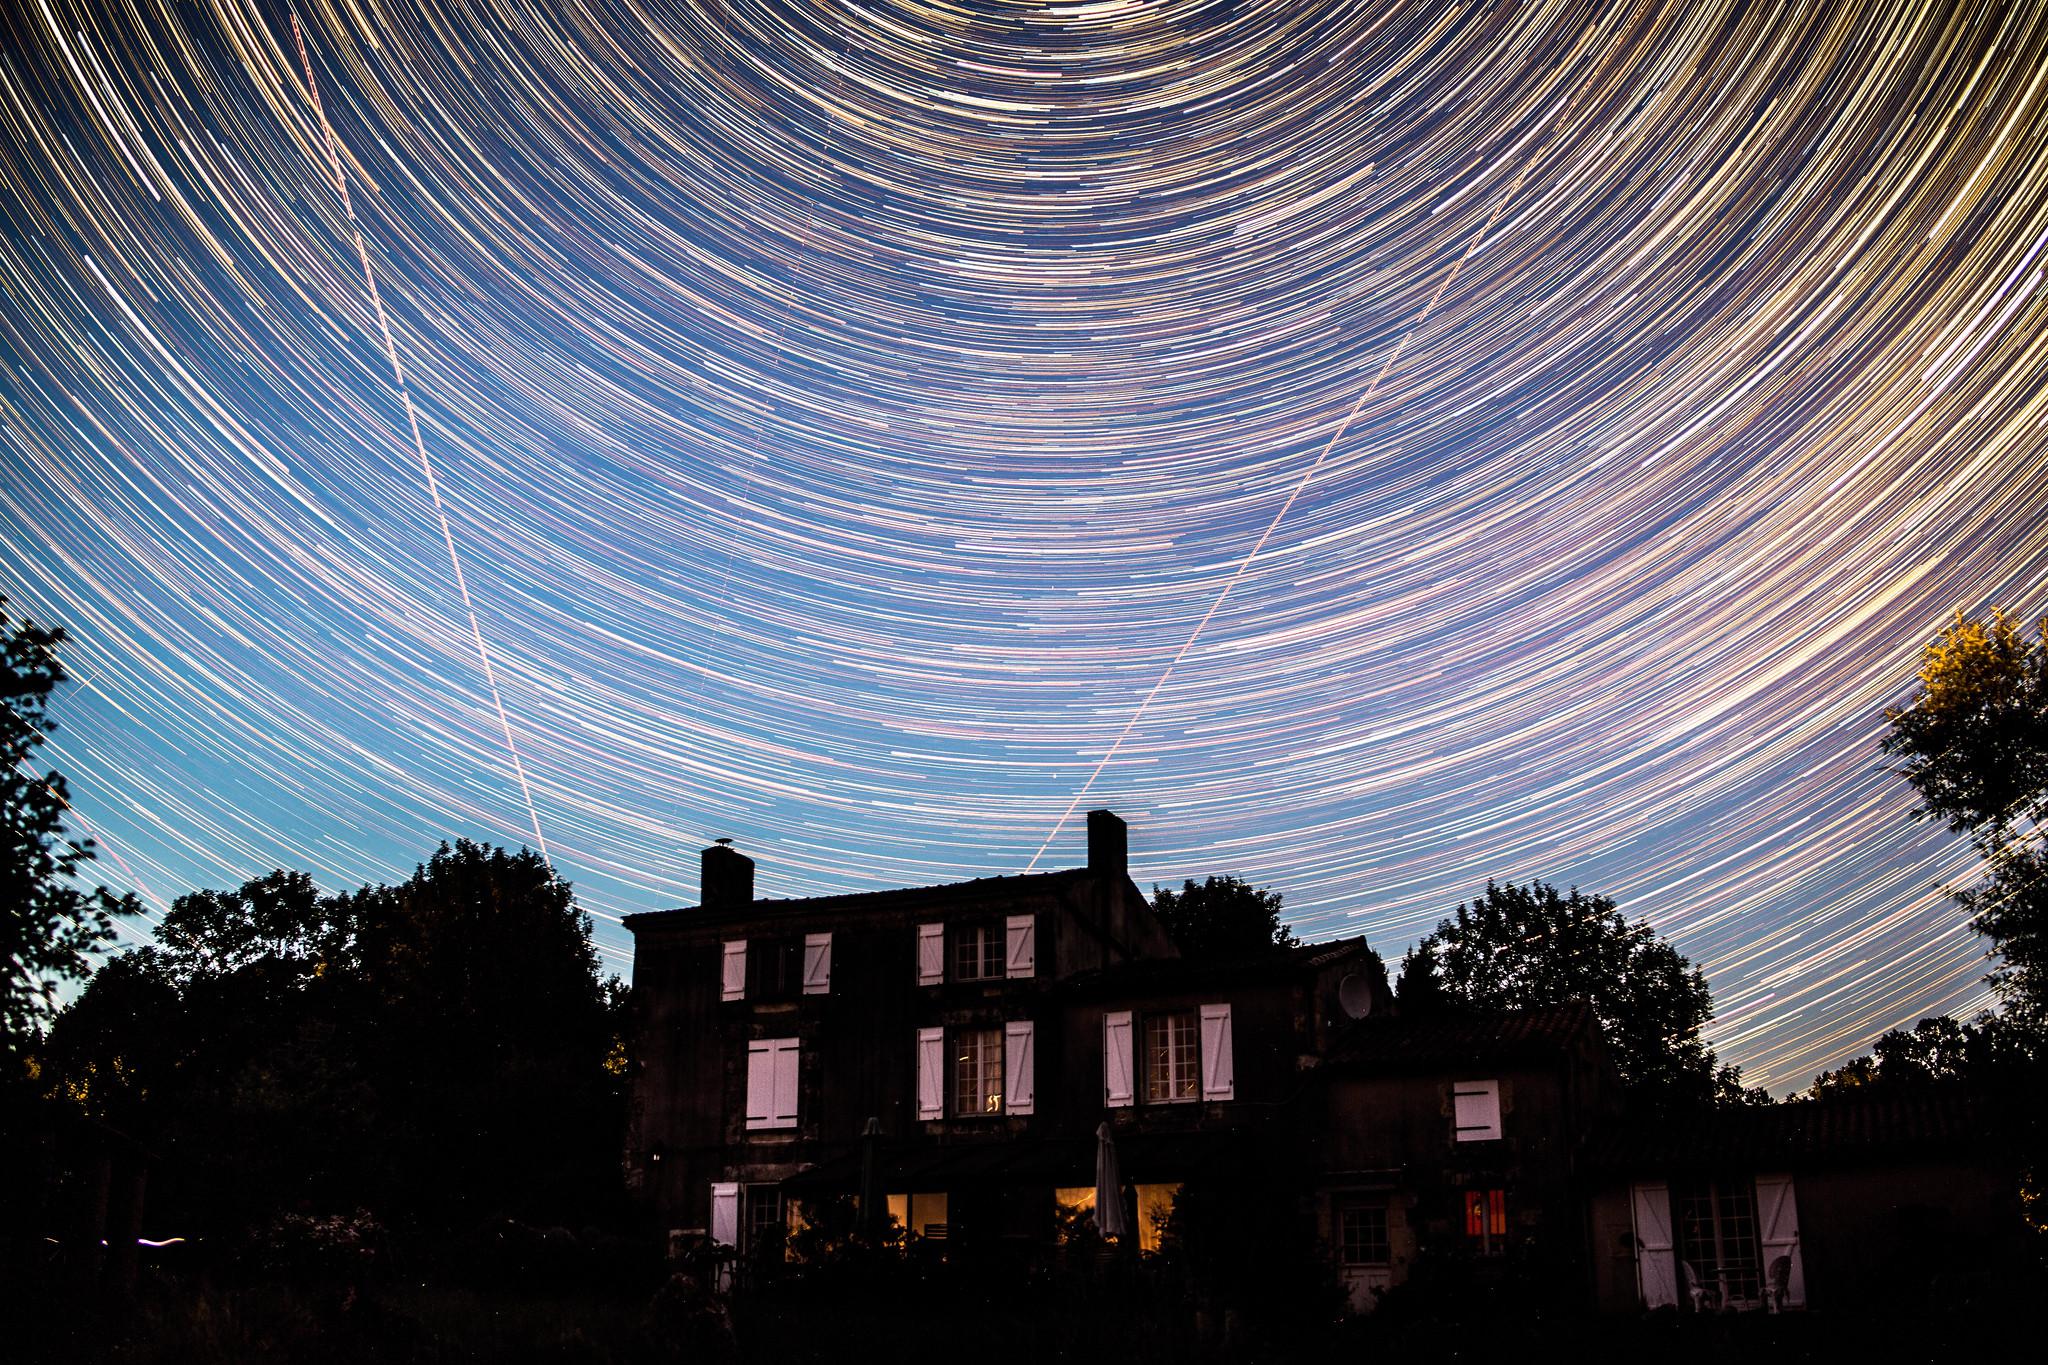 La Godinière Star Trails